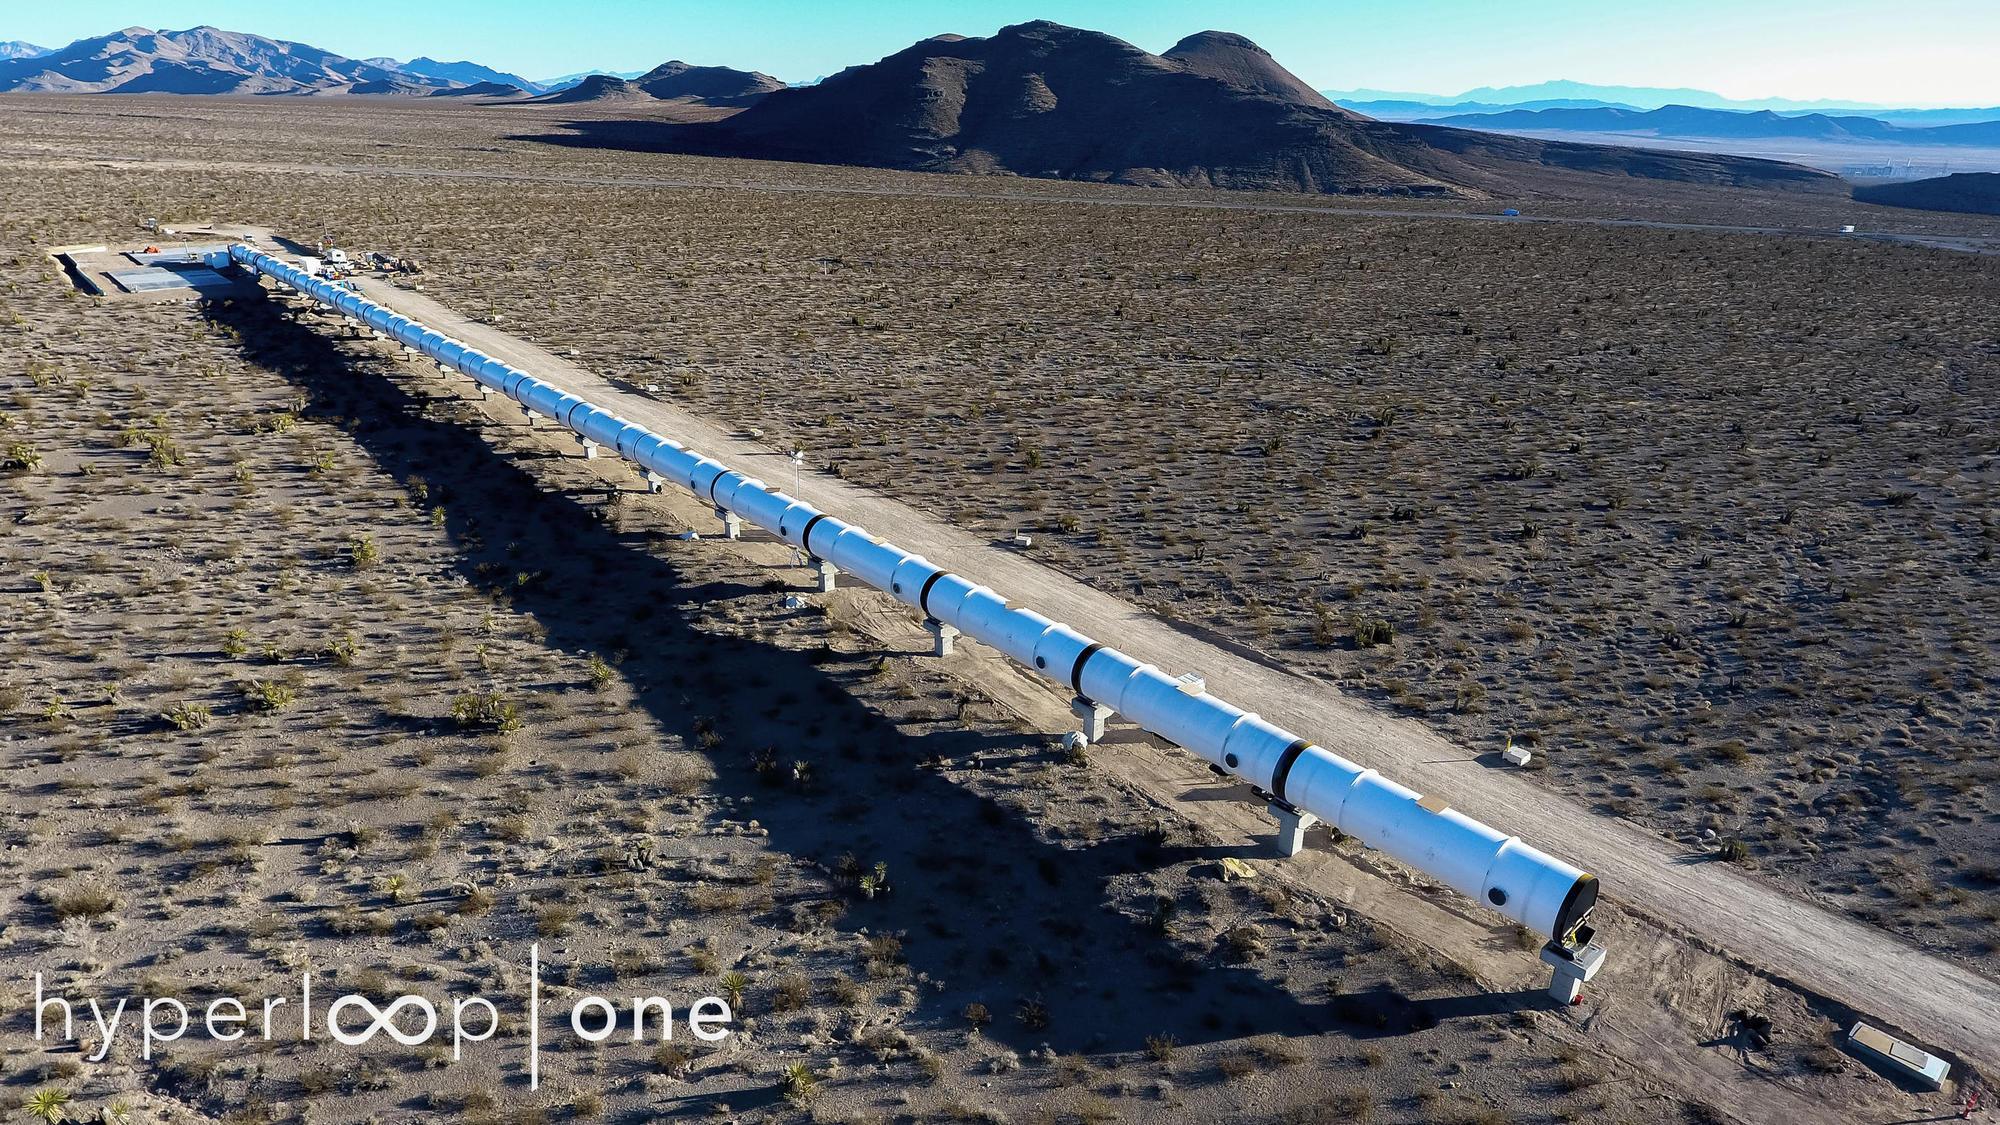 Pista de prueba de Hyperloop One a escala real cerca de su finalización